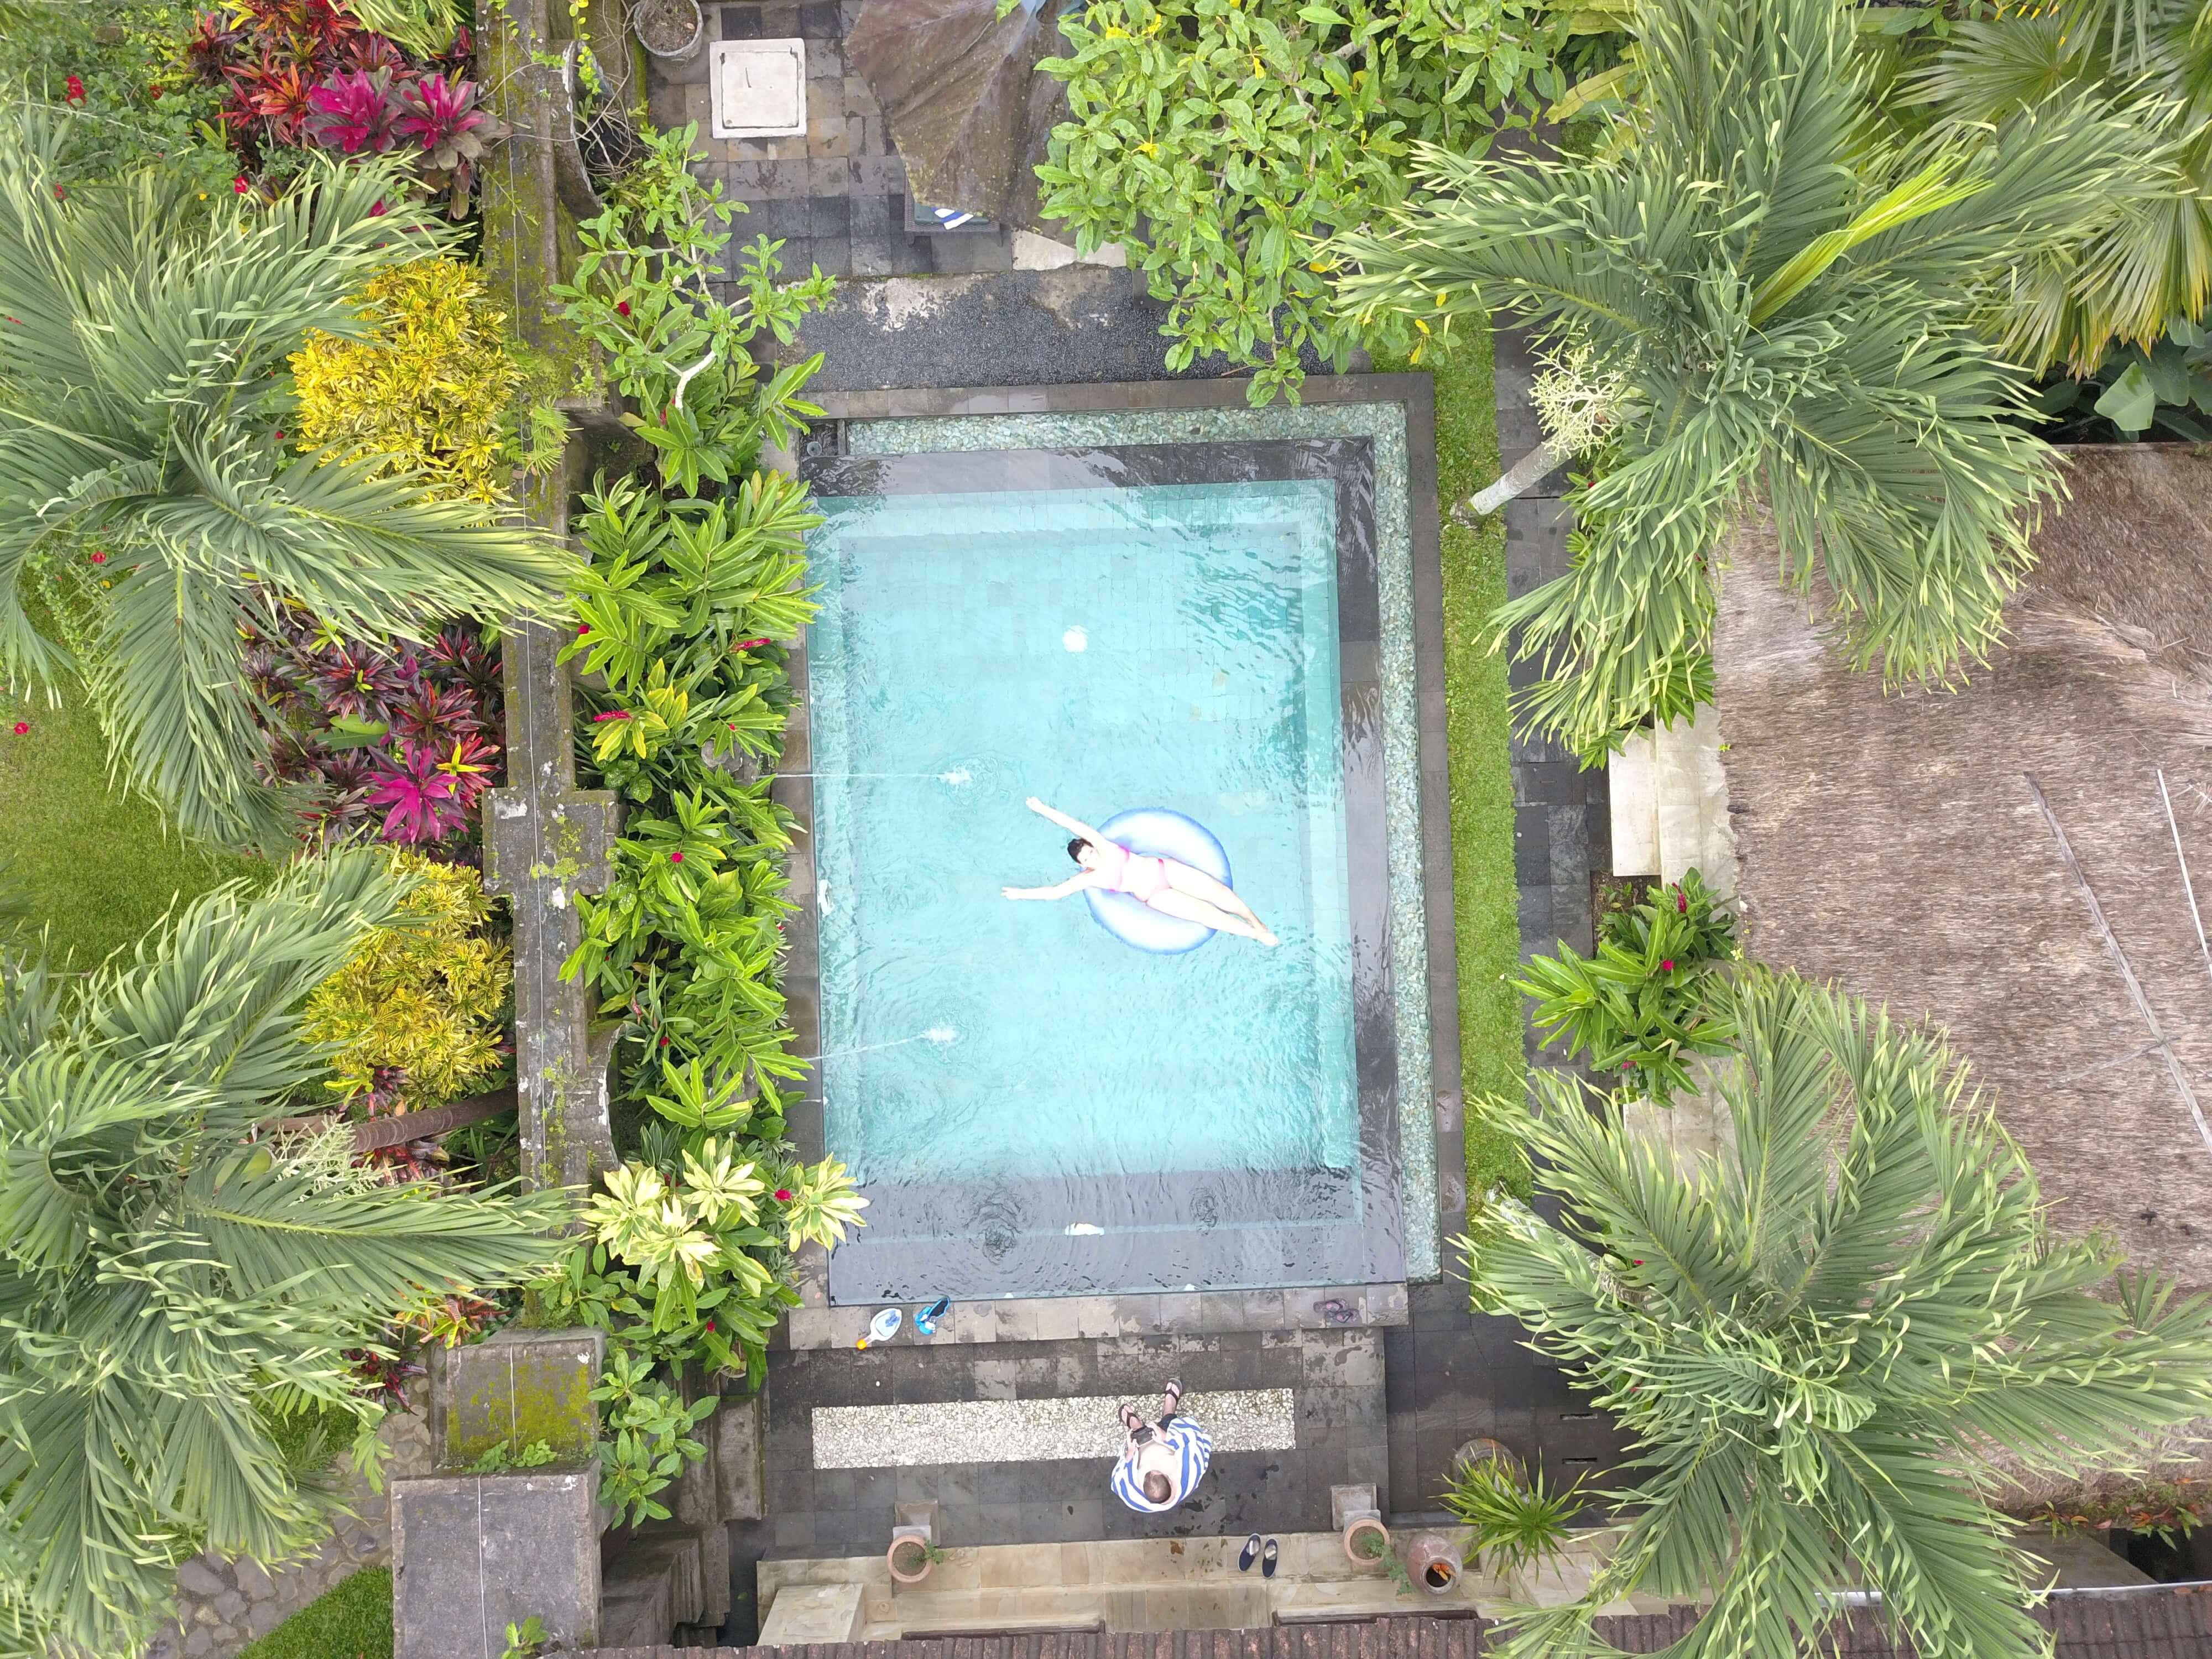 reisen mit einer drohne - Bali Drohnenblid